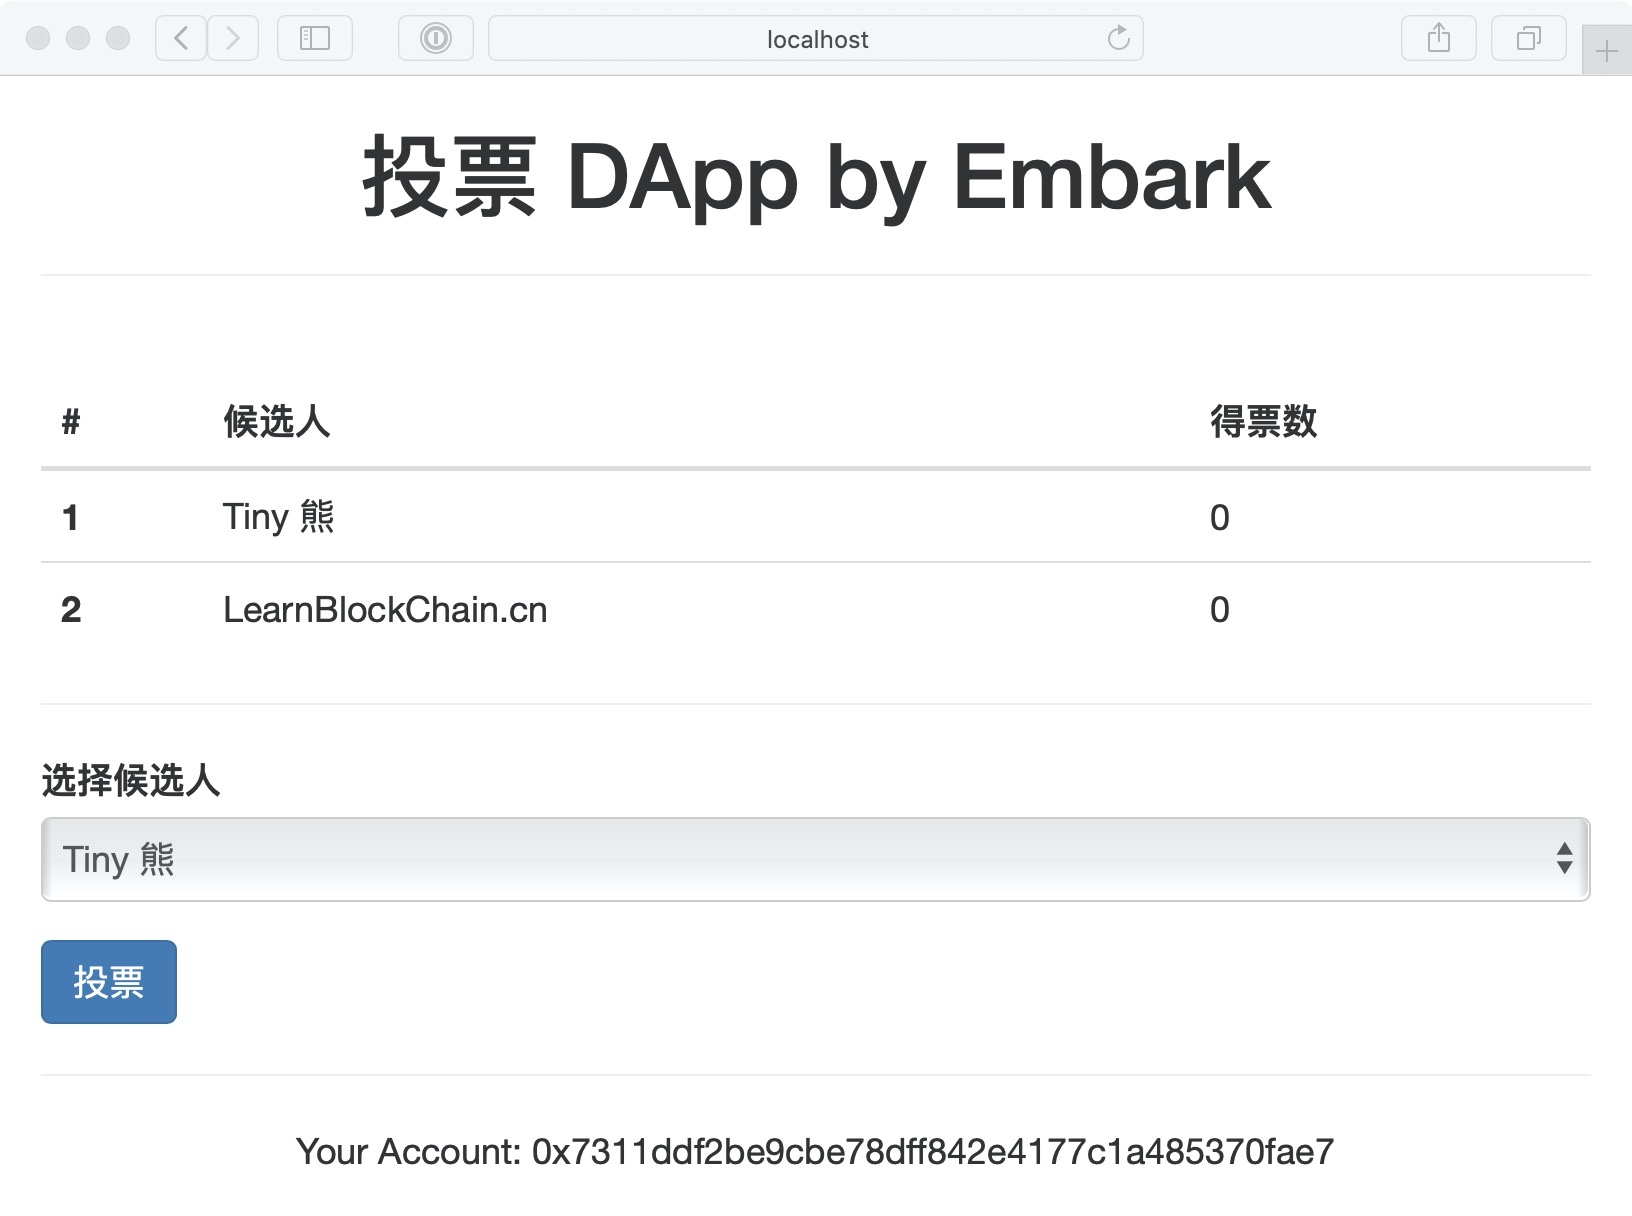 [教程] 使用 Embark 开发投票 DApp